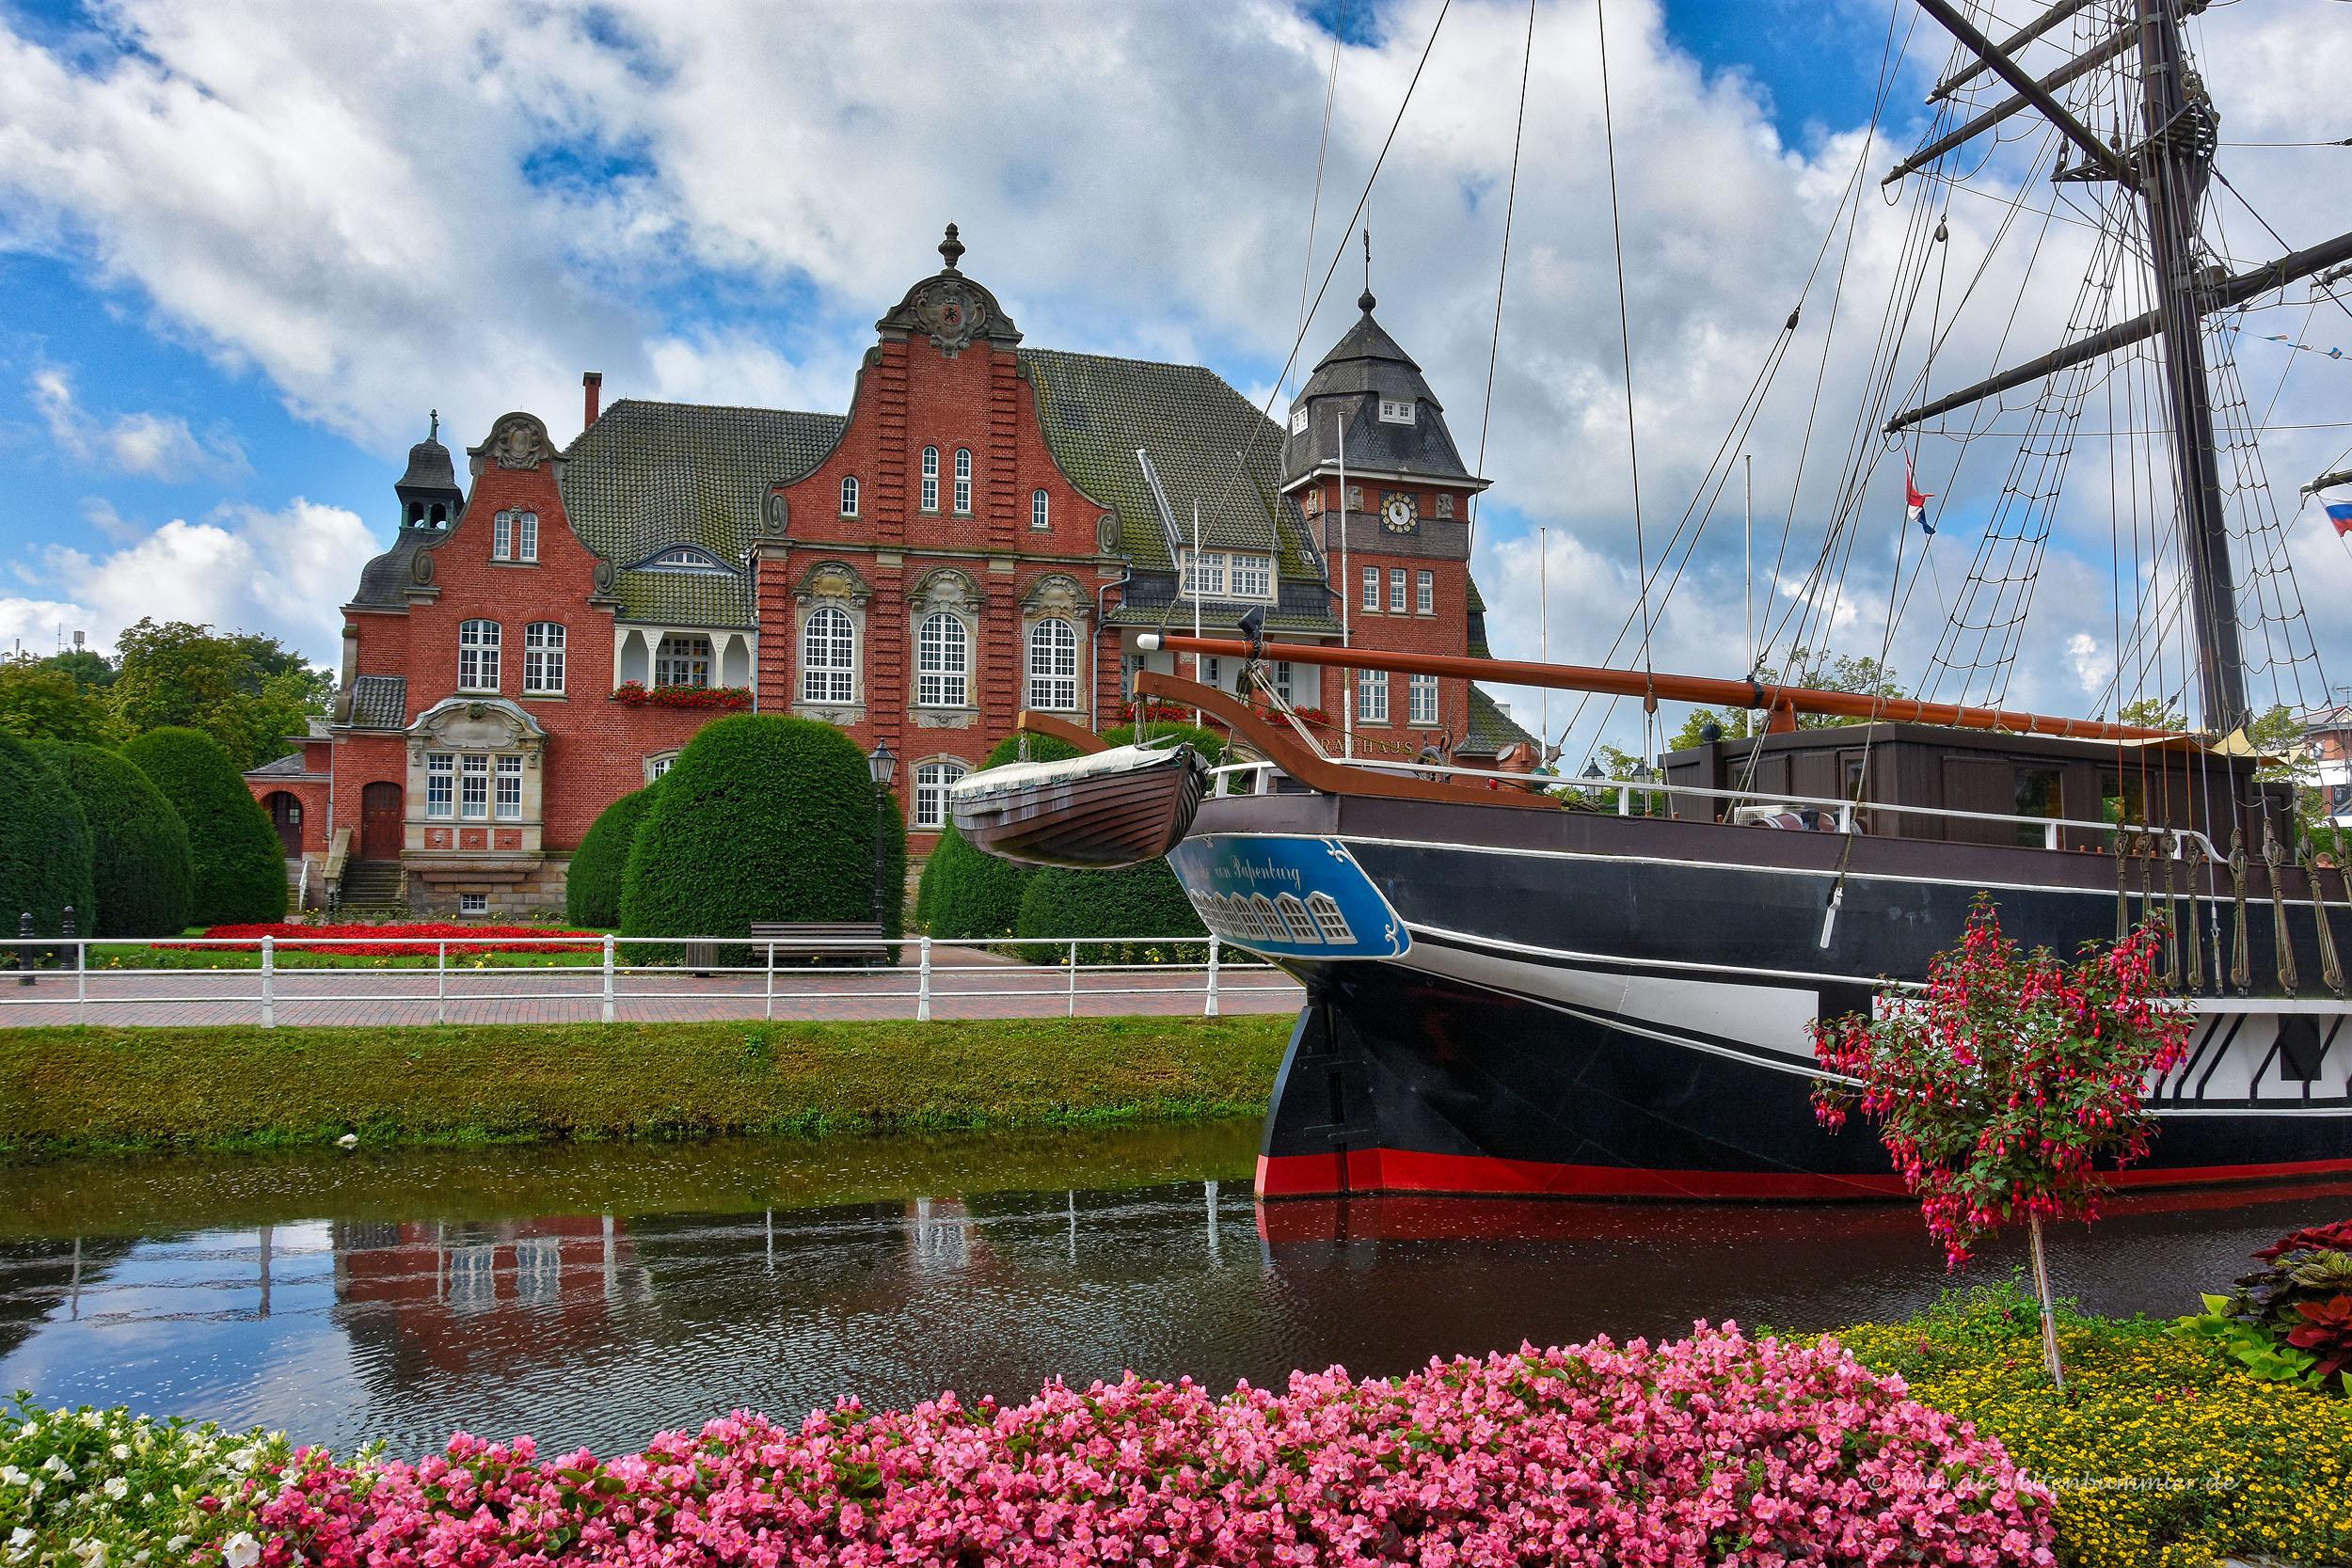 Aufenthalt in Papenburg